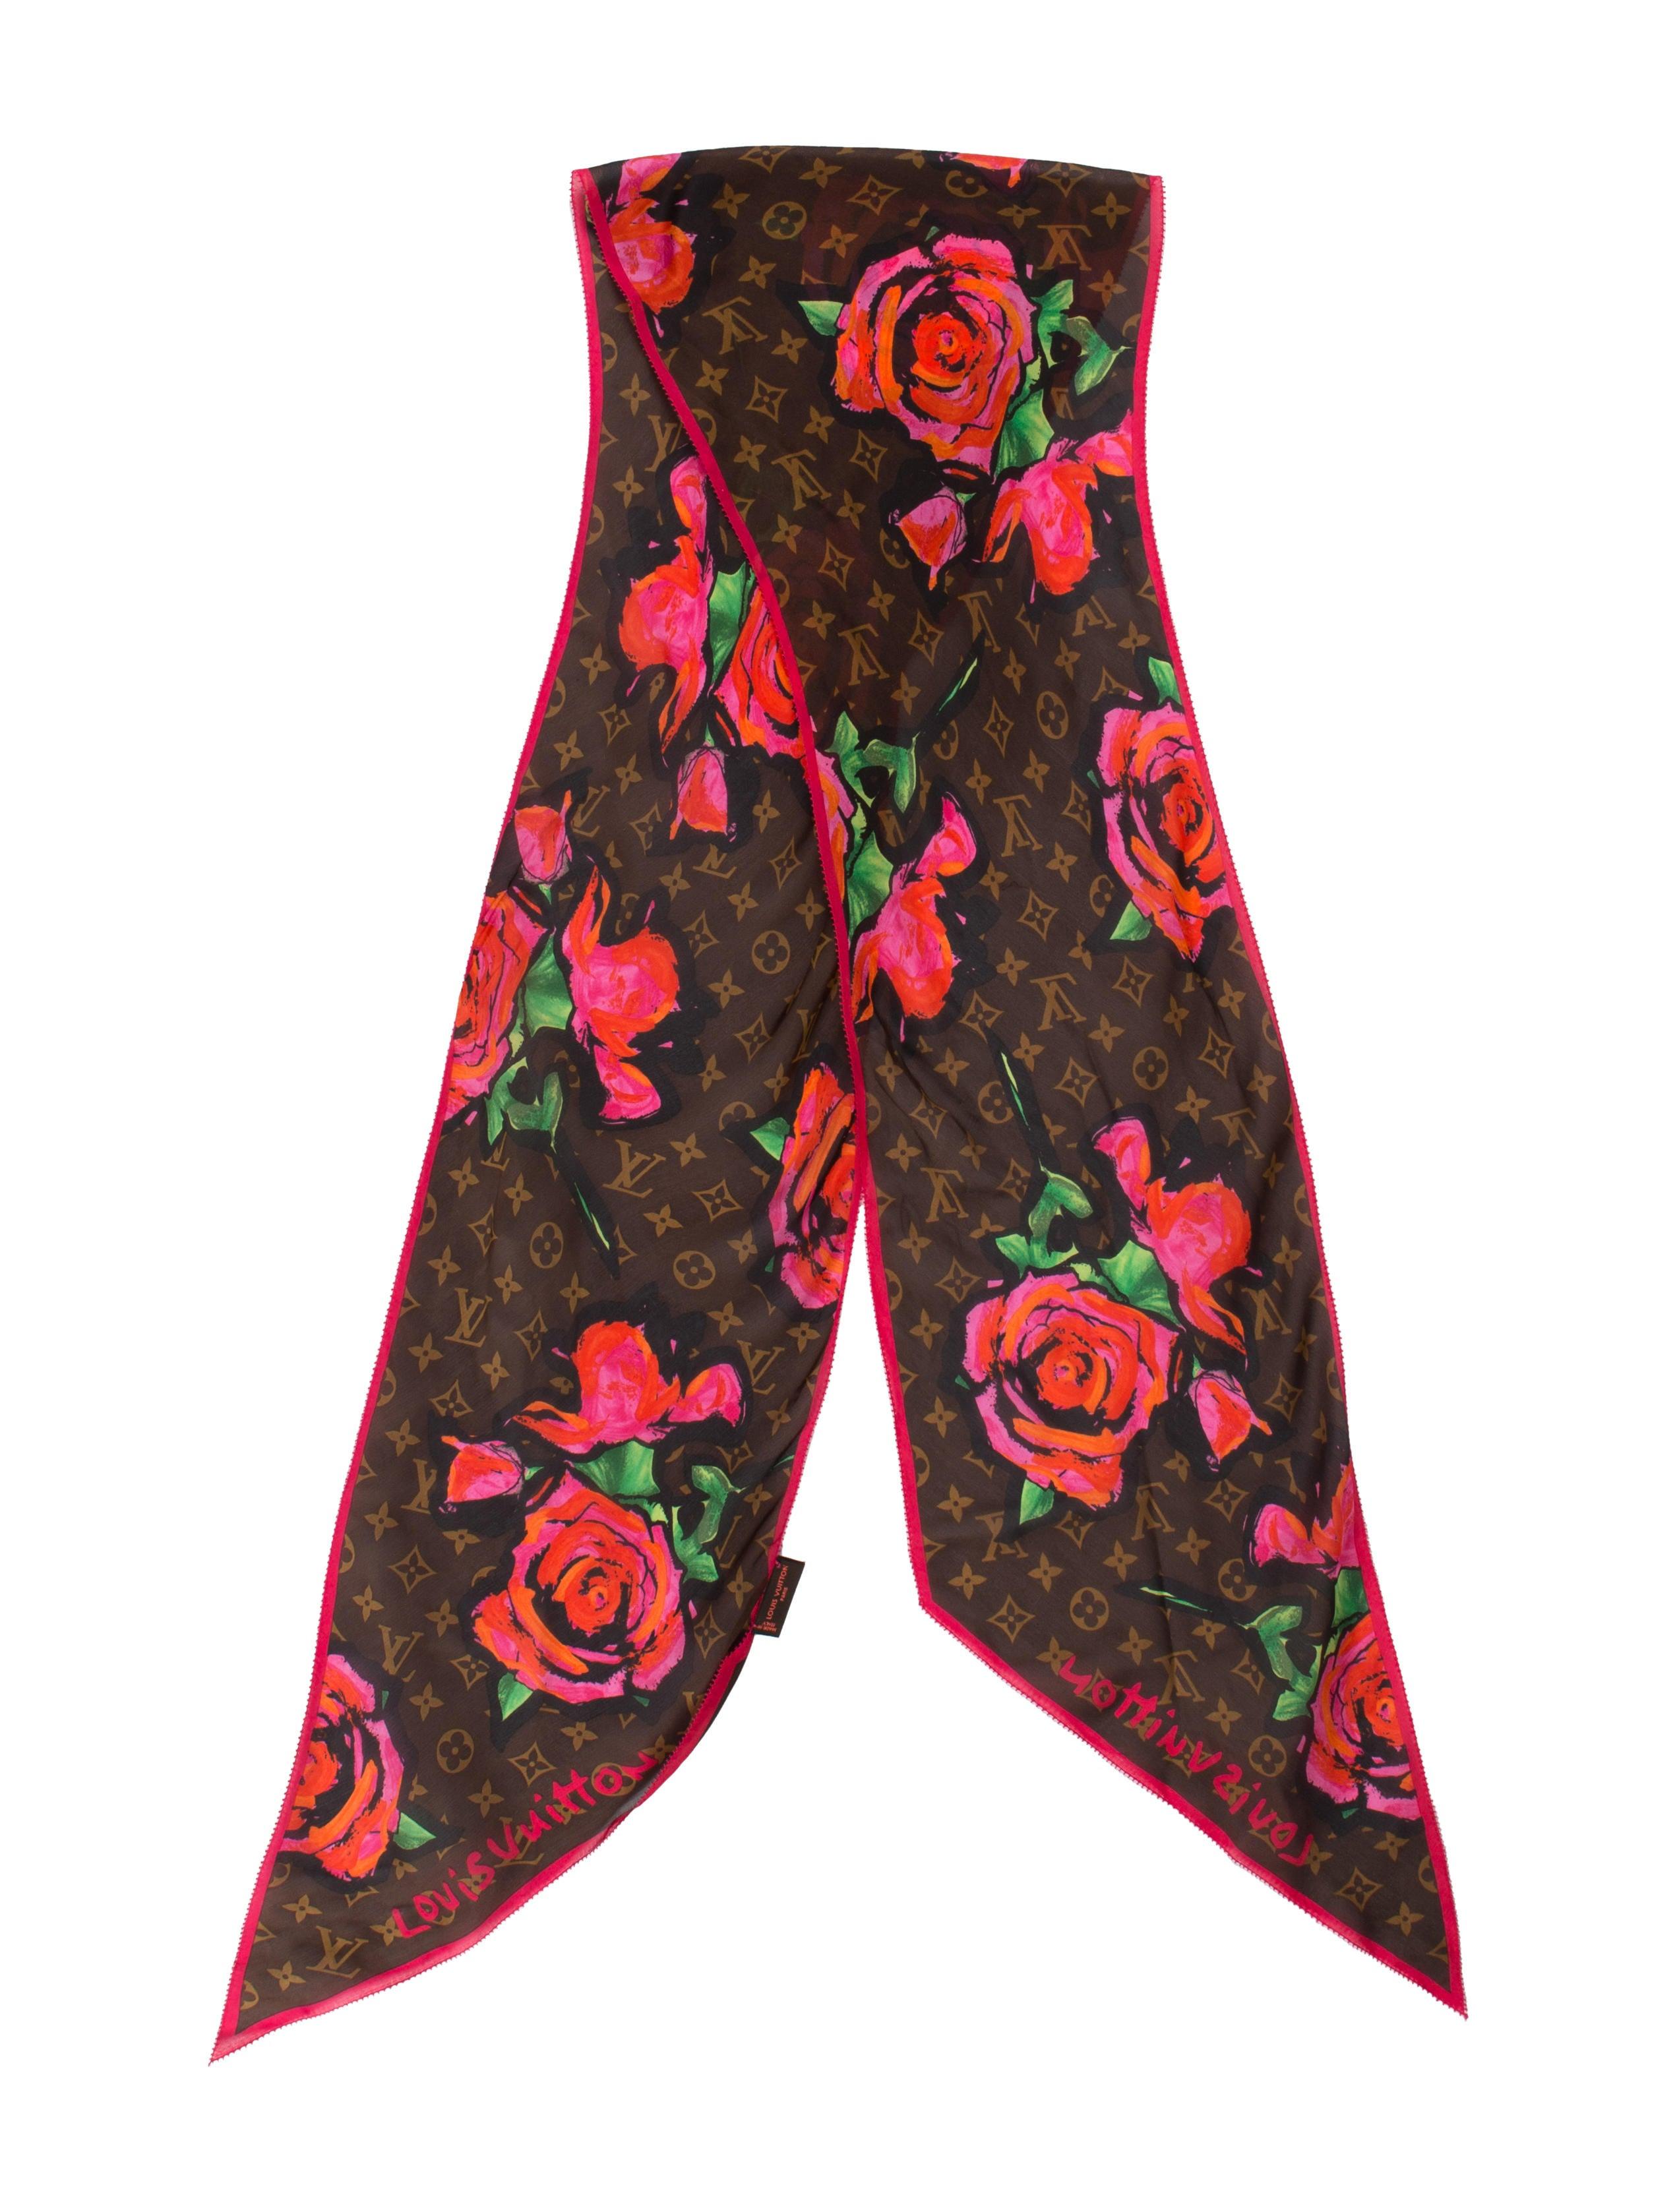 92d2a7af38c5 Louis Vuitton Monogram Roses Silk Scarf - Accessories - LOU56718 ...